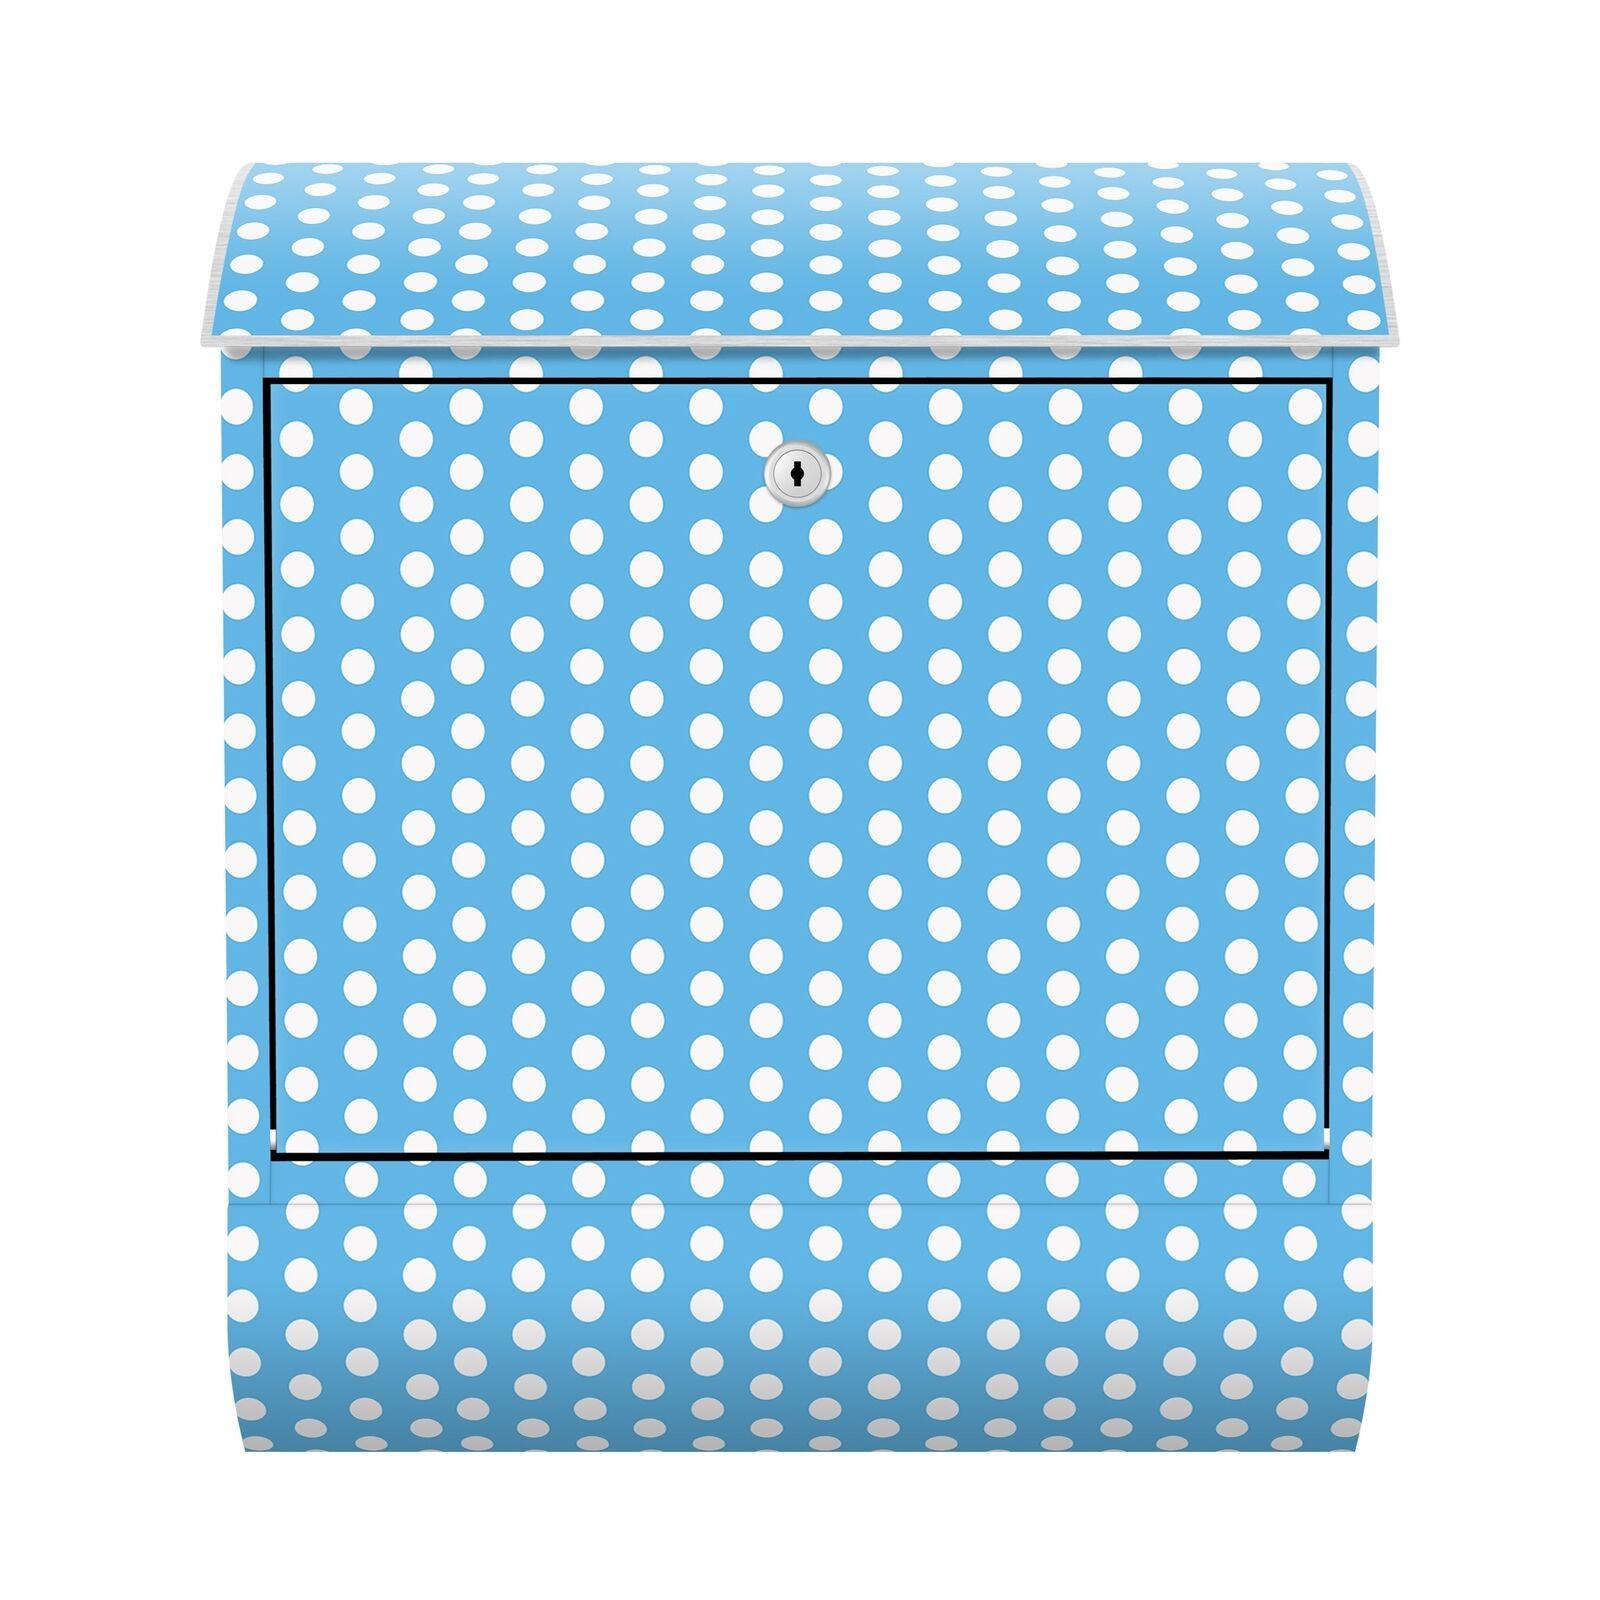 Briefkasten Zeitungsfach Letter Box Himmelblau mit weißen Punkten Asbtrakt Farbe